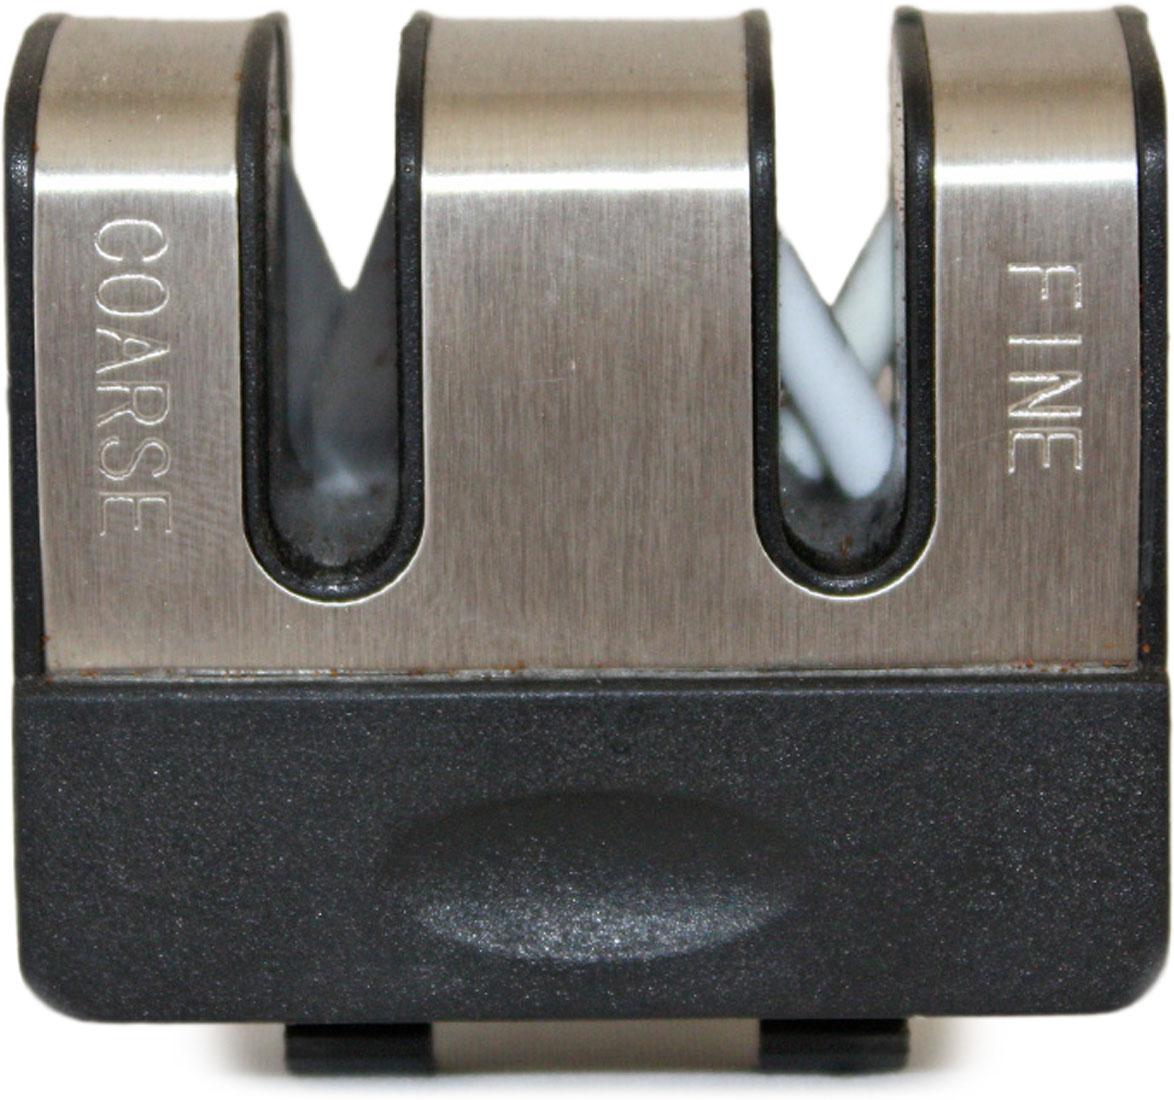 """Запасной блок для точилки TimA. АА-005. Резцы блока изготовлены из материала """"алмаз-алмаз"""""""